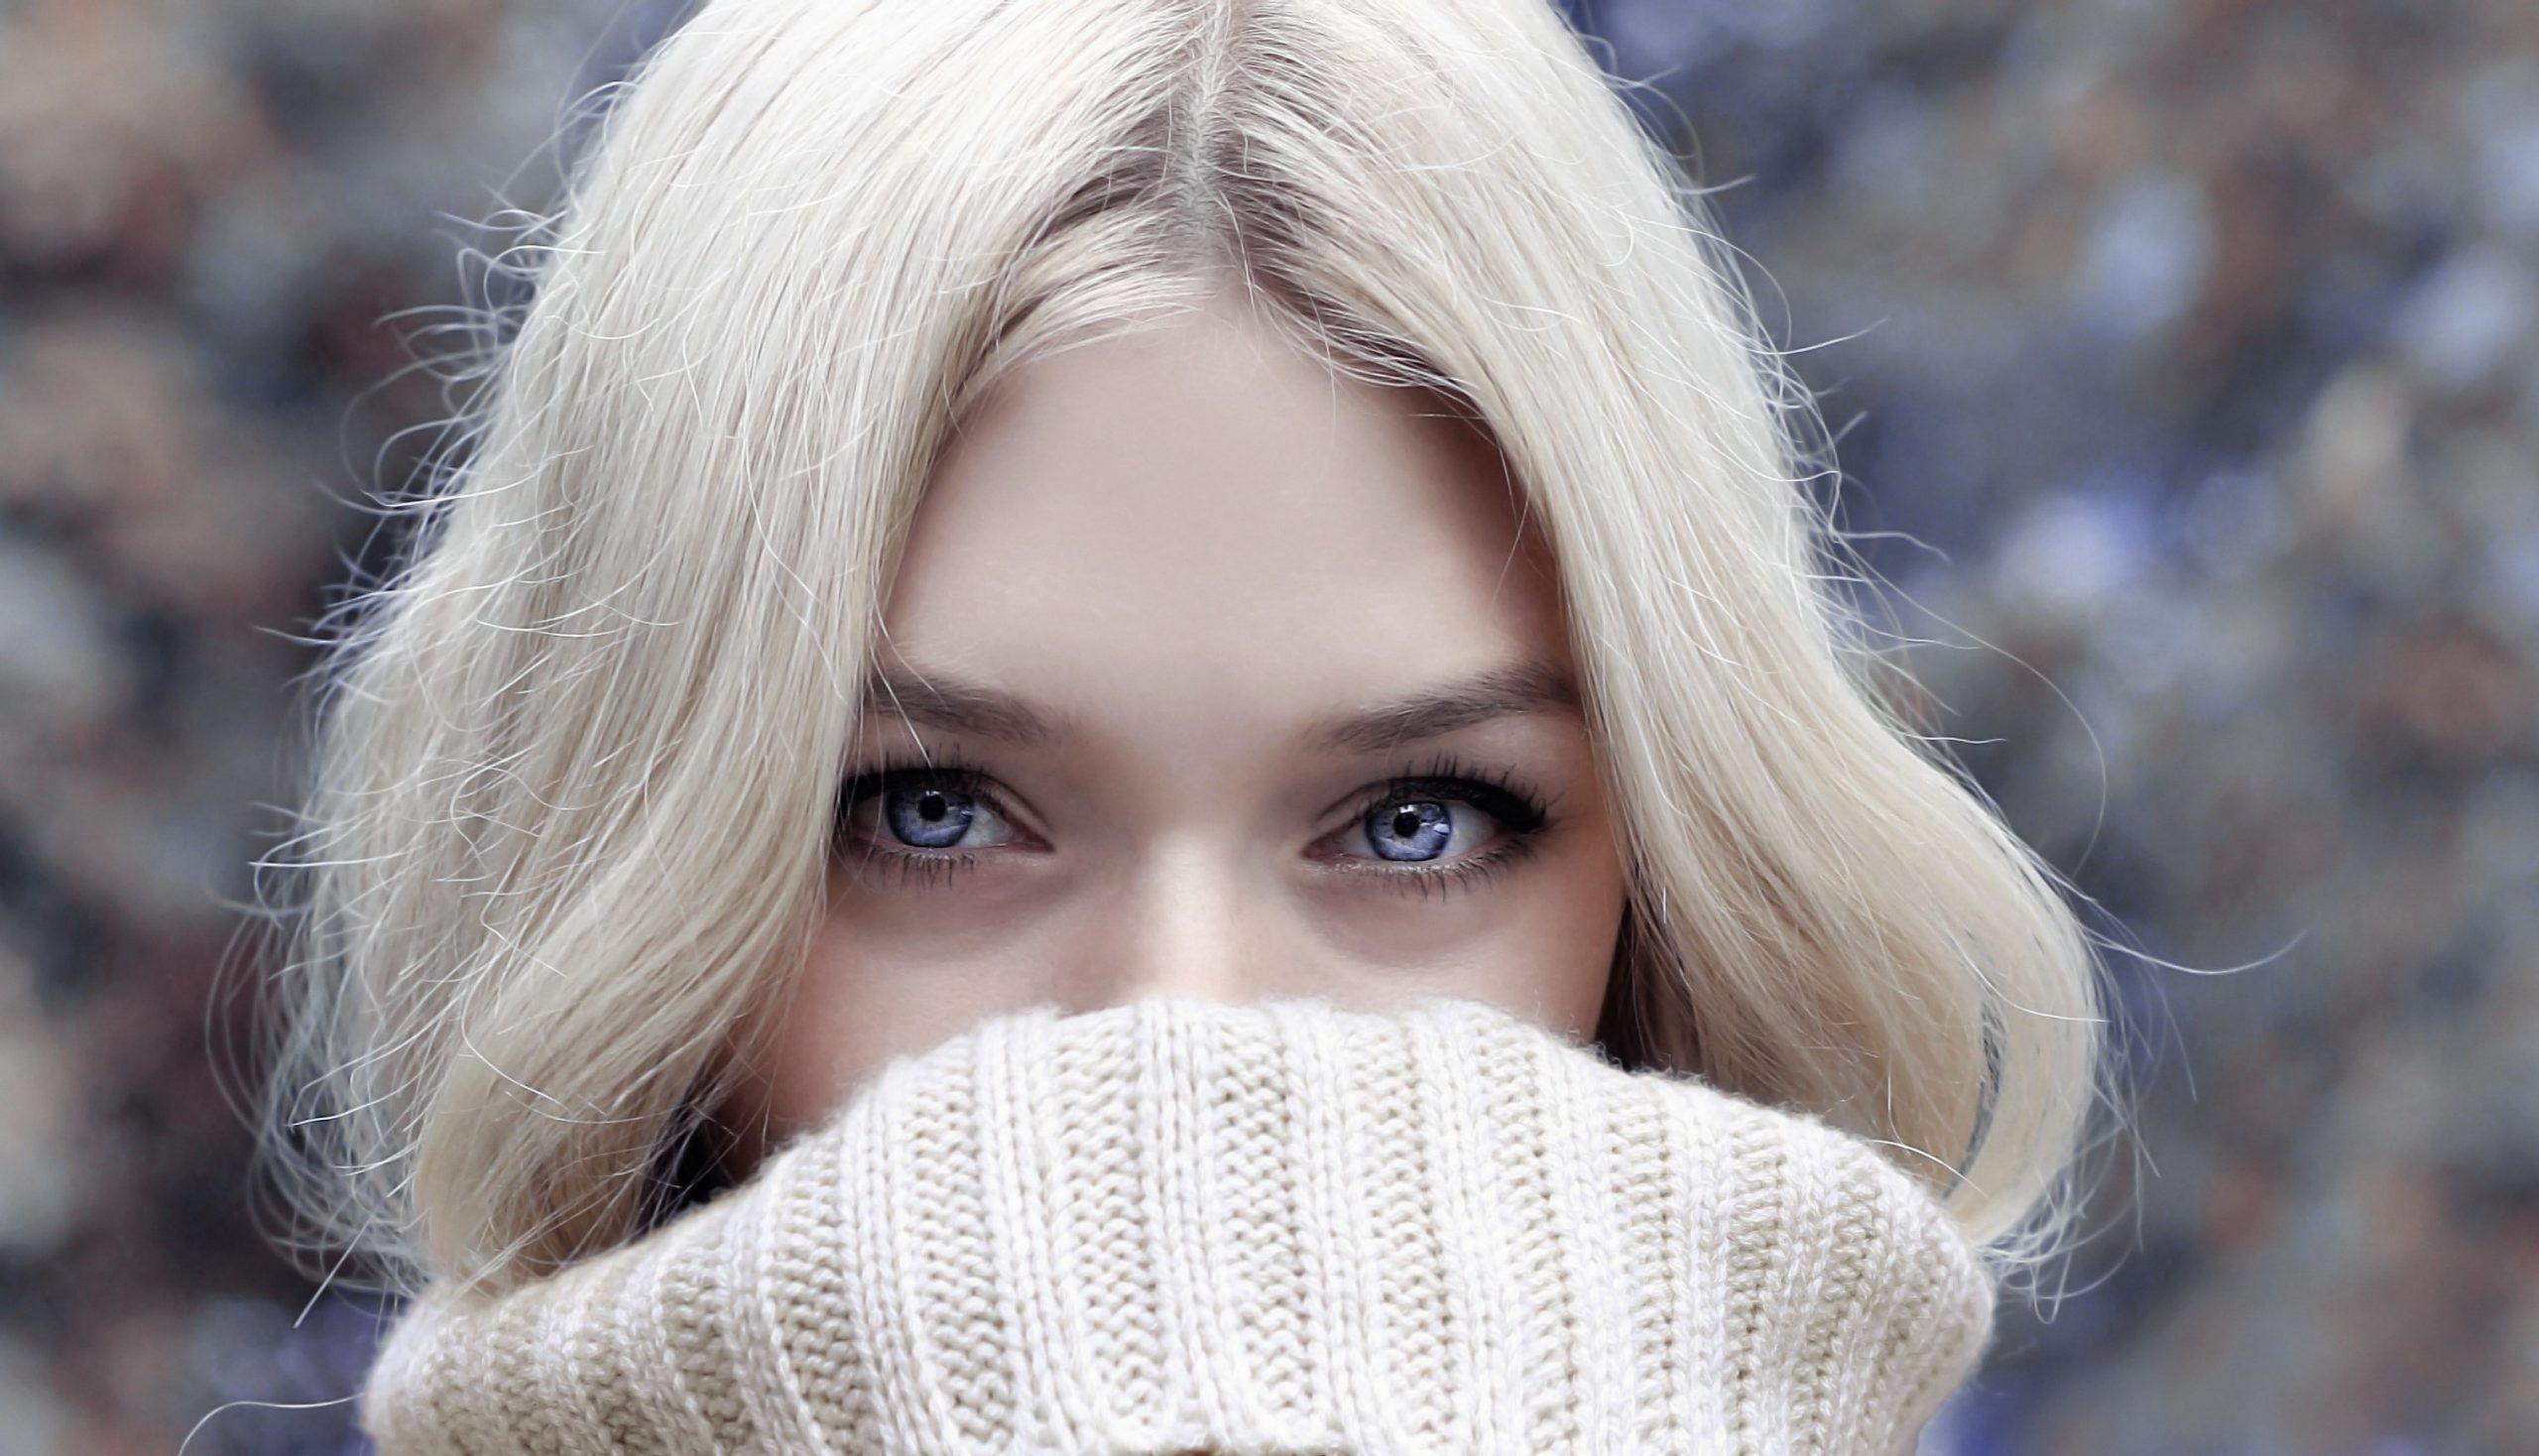 usar ropa abrigo frío piel